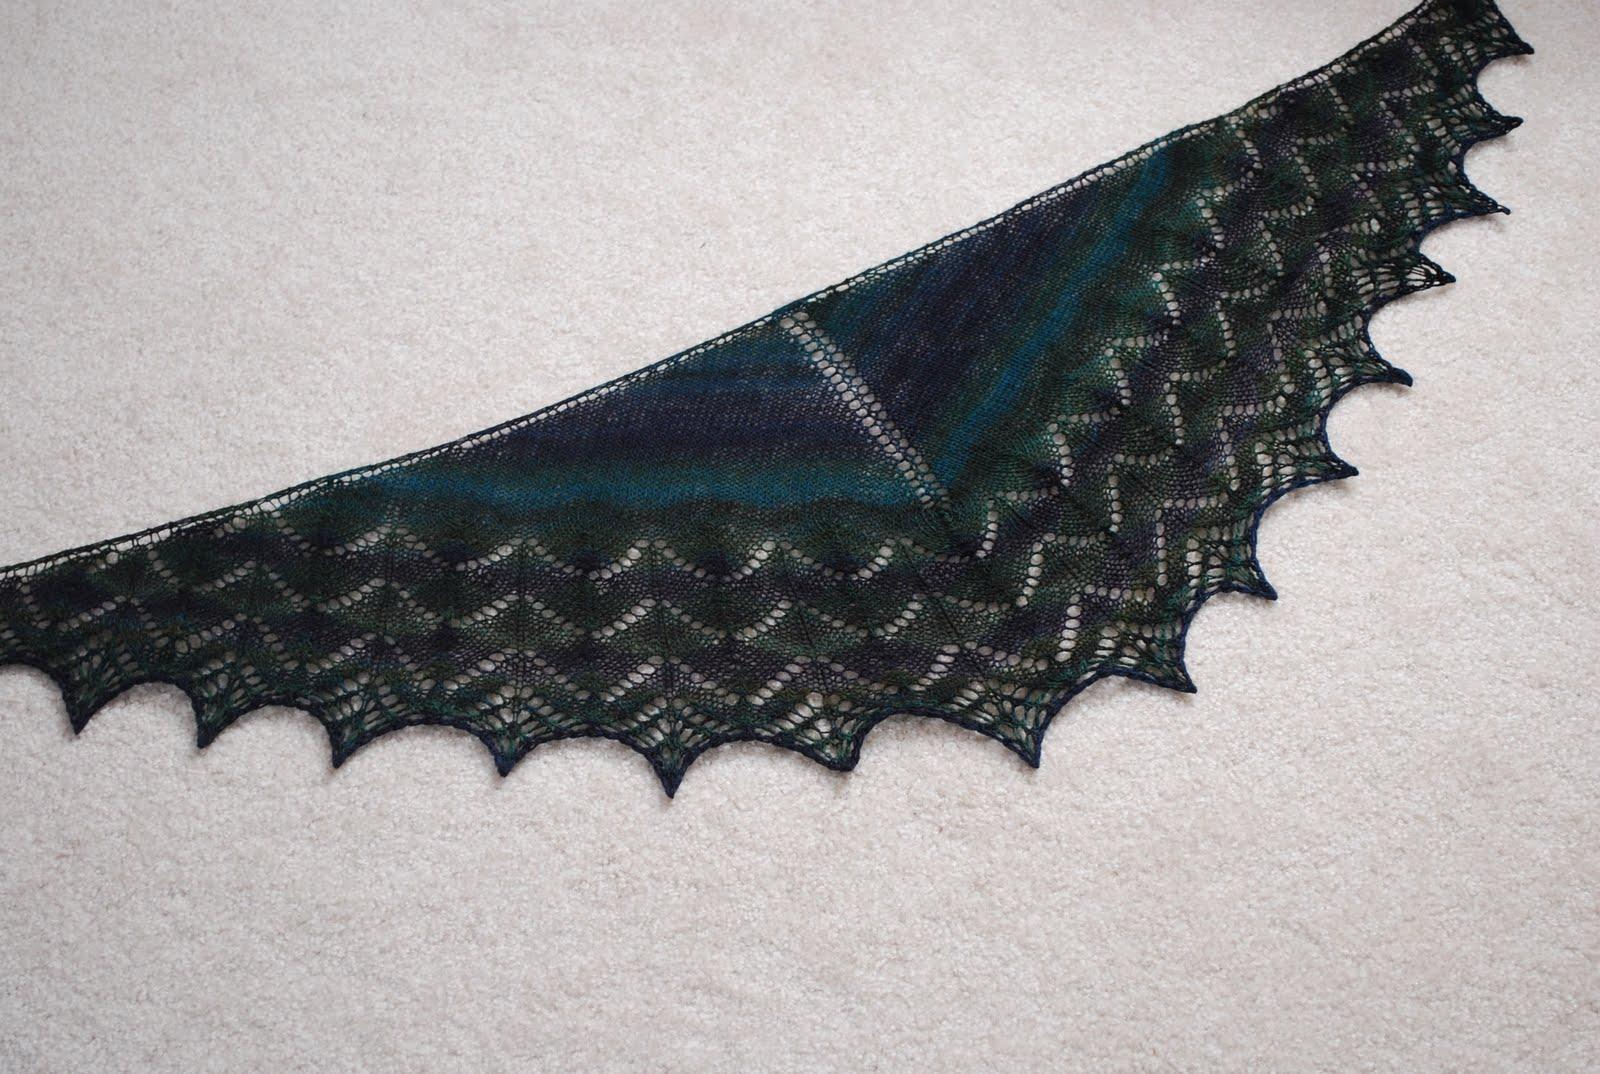 Knit/Wit: A Striped Shawlette